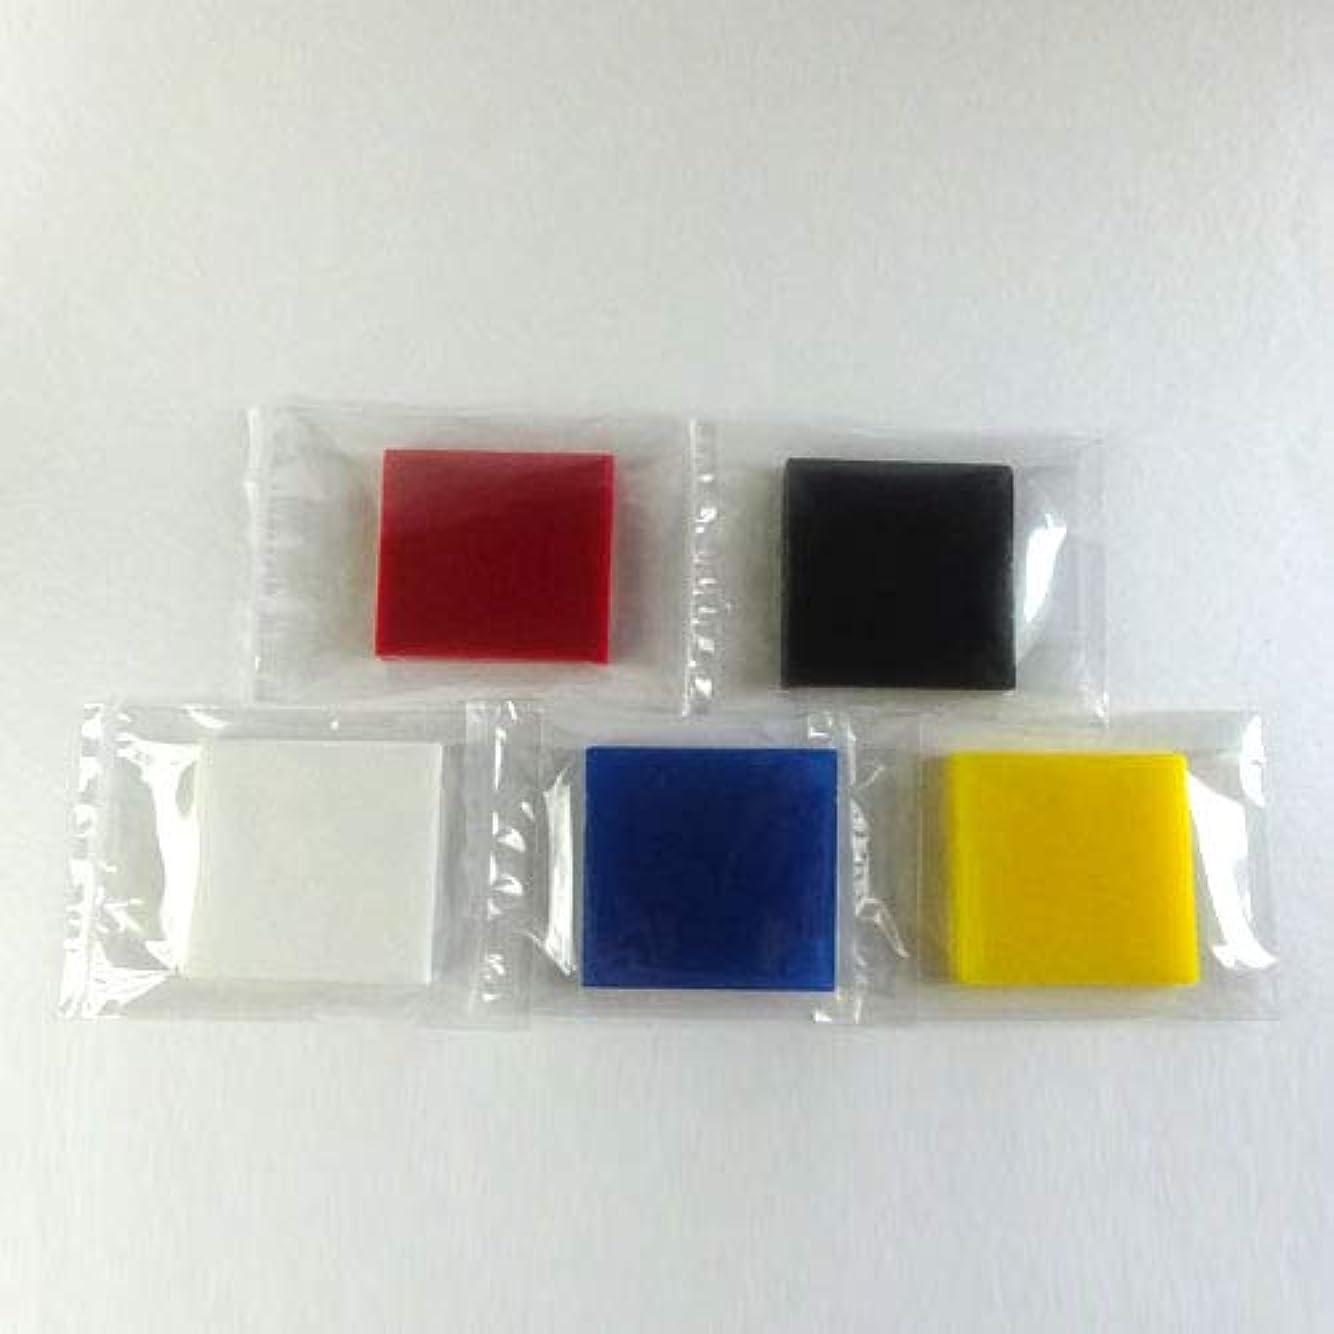 打撃着飾るアナウンサーグリセリンソープ MPソープ 色チップ 5色(赤?青?黄?白?黒) 各30g